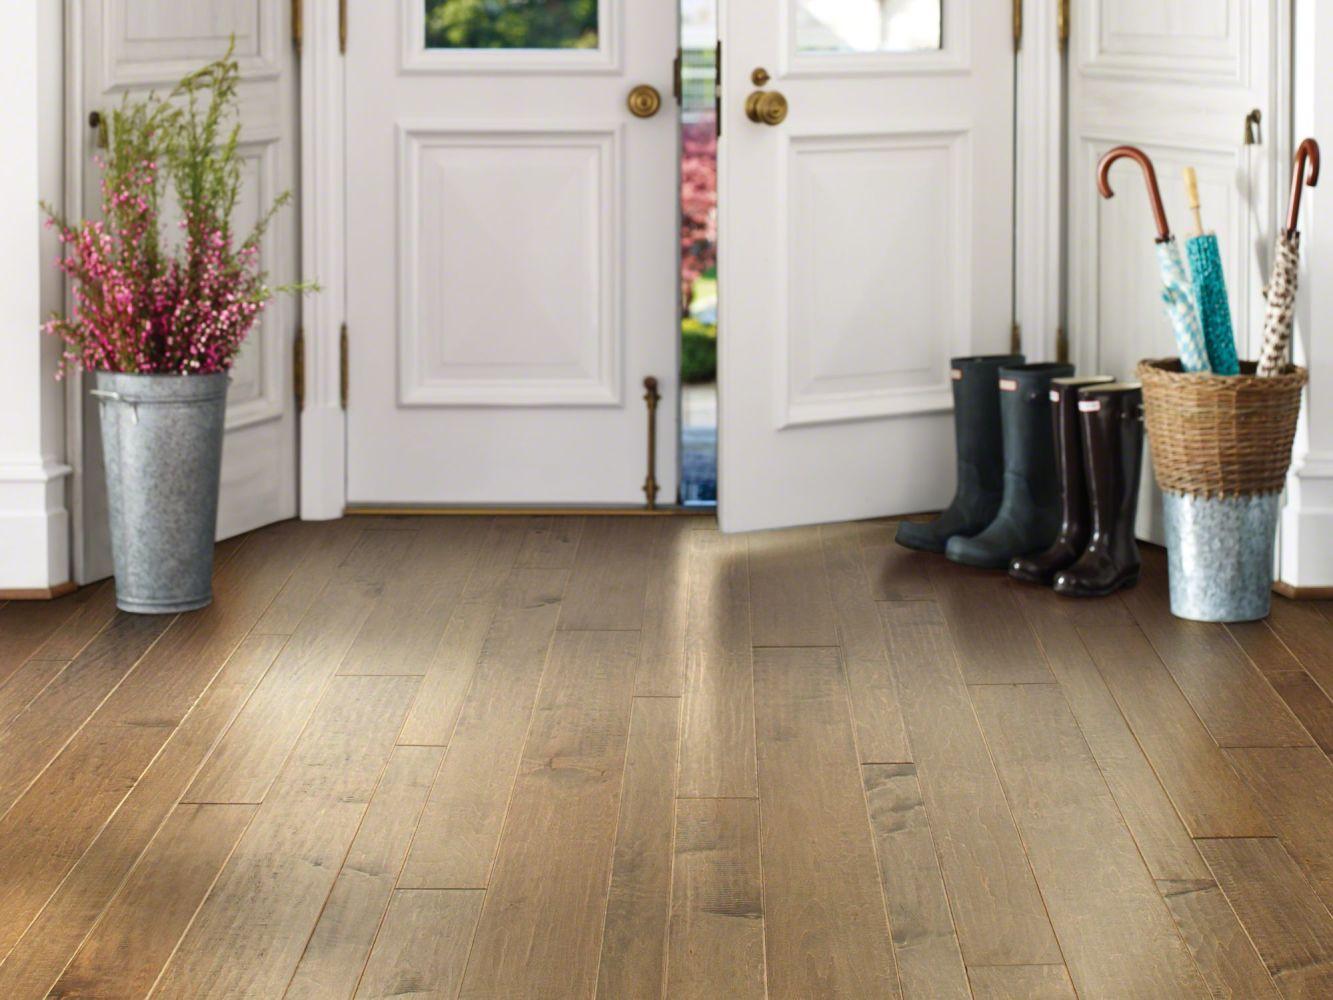 Shaw Floors Home Fn Gold Hardwood Mackenzie Maple 2-mixed Buckskin 02005_HW618